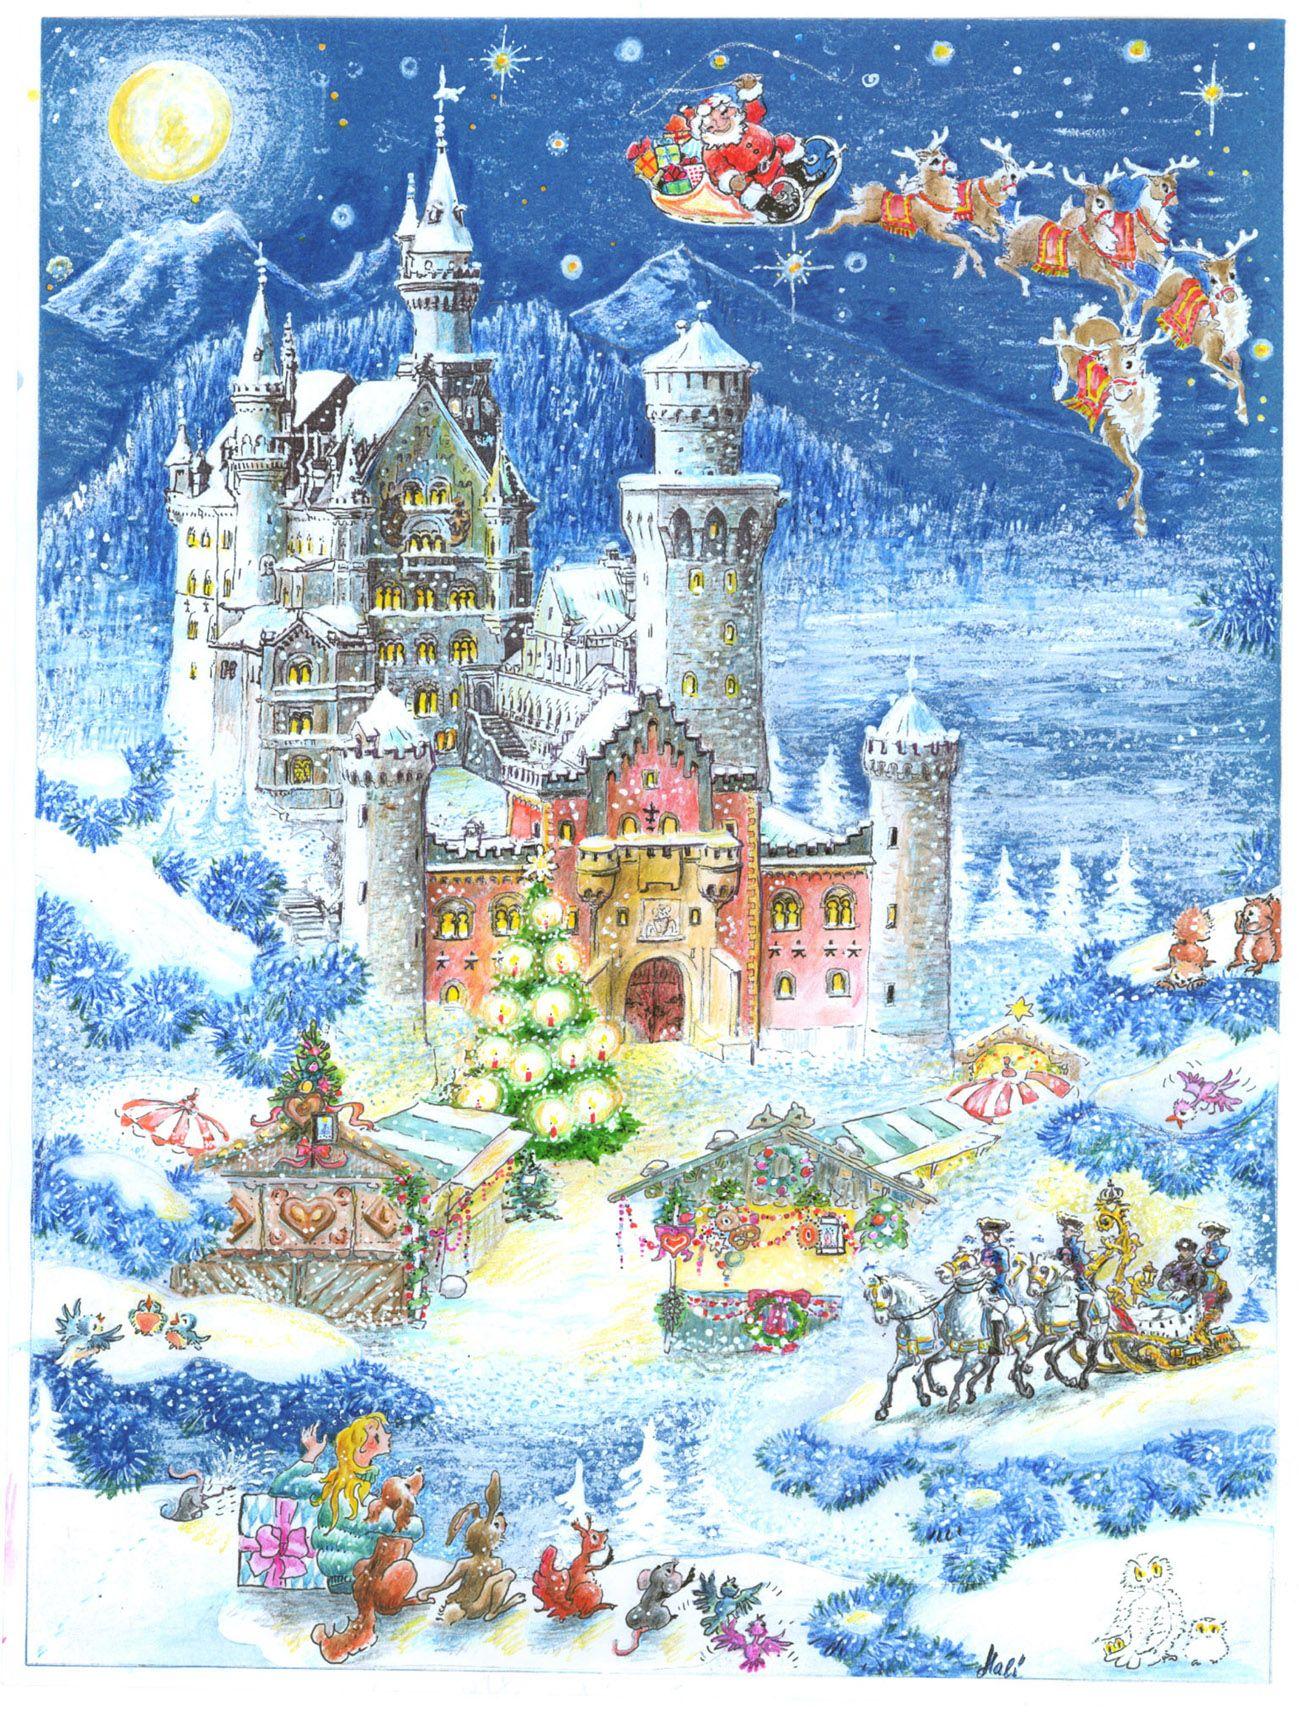 Adventskalender Schloss Neuschwanstein Adventkalender Weihnachtsdruck Weihnachts Grafiken